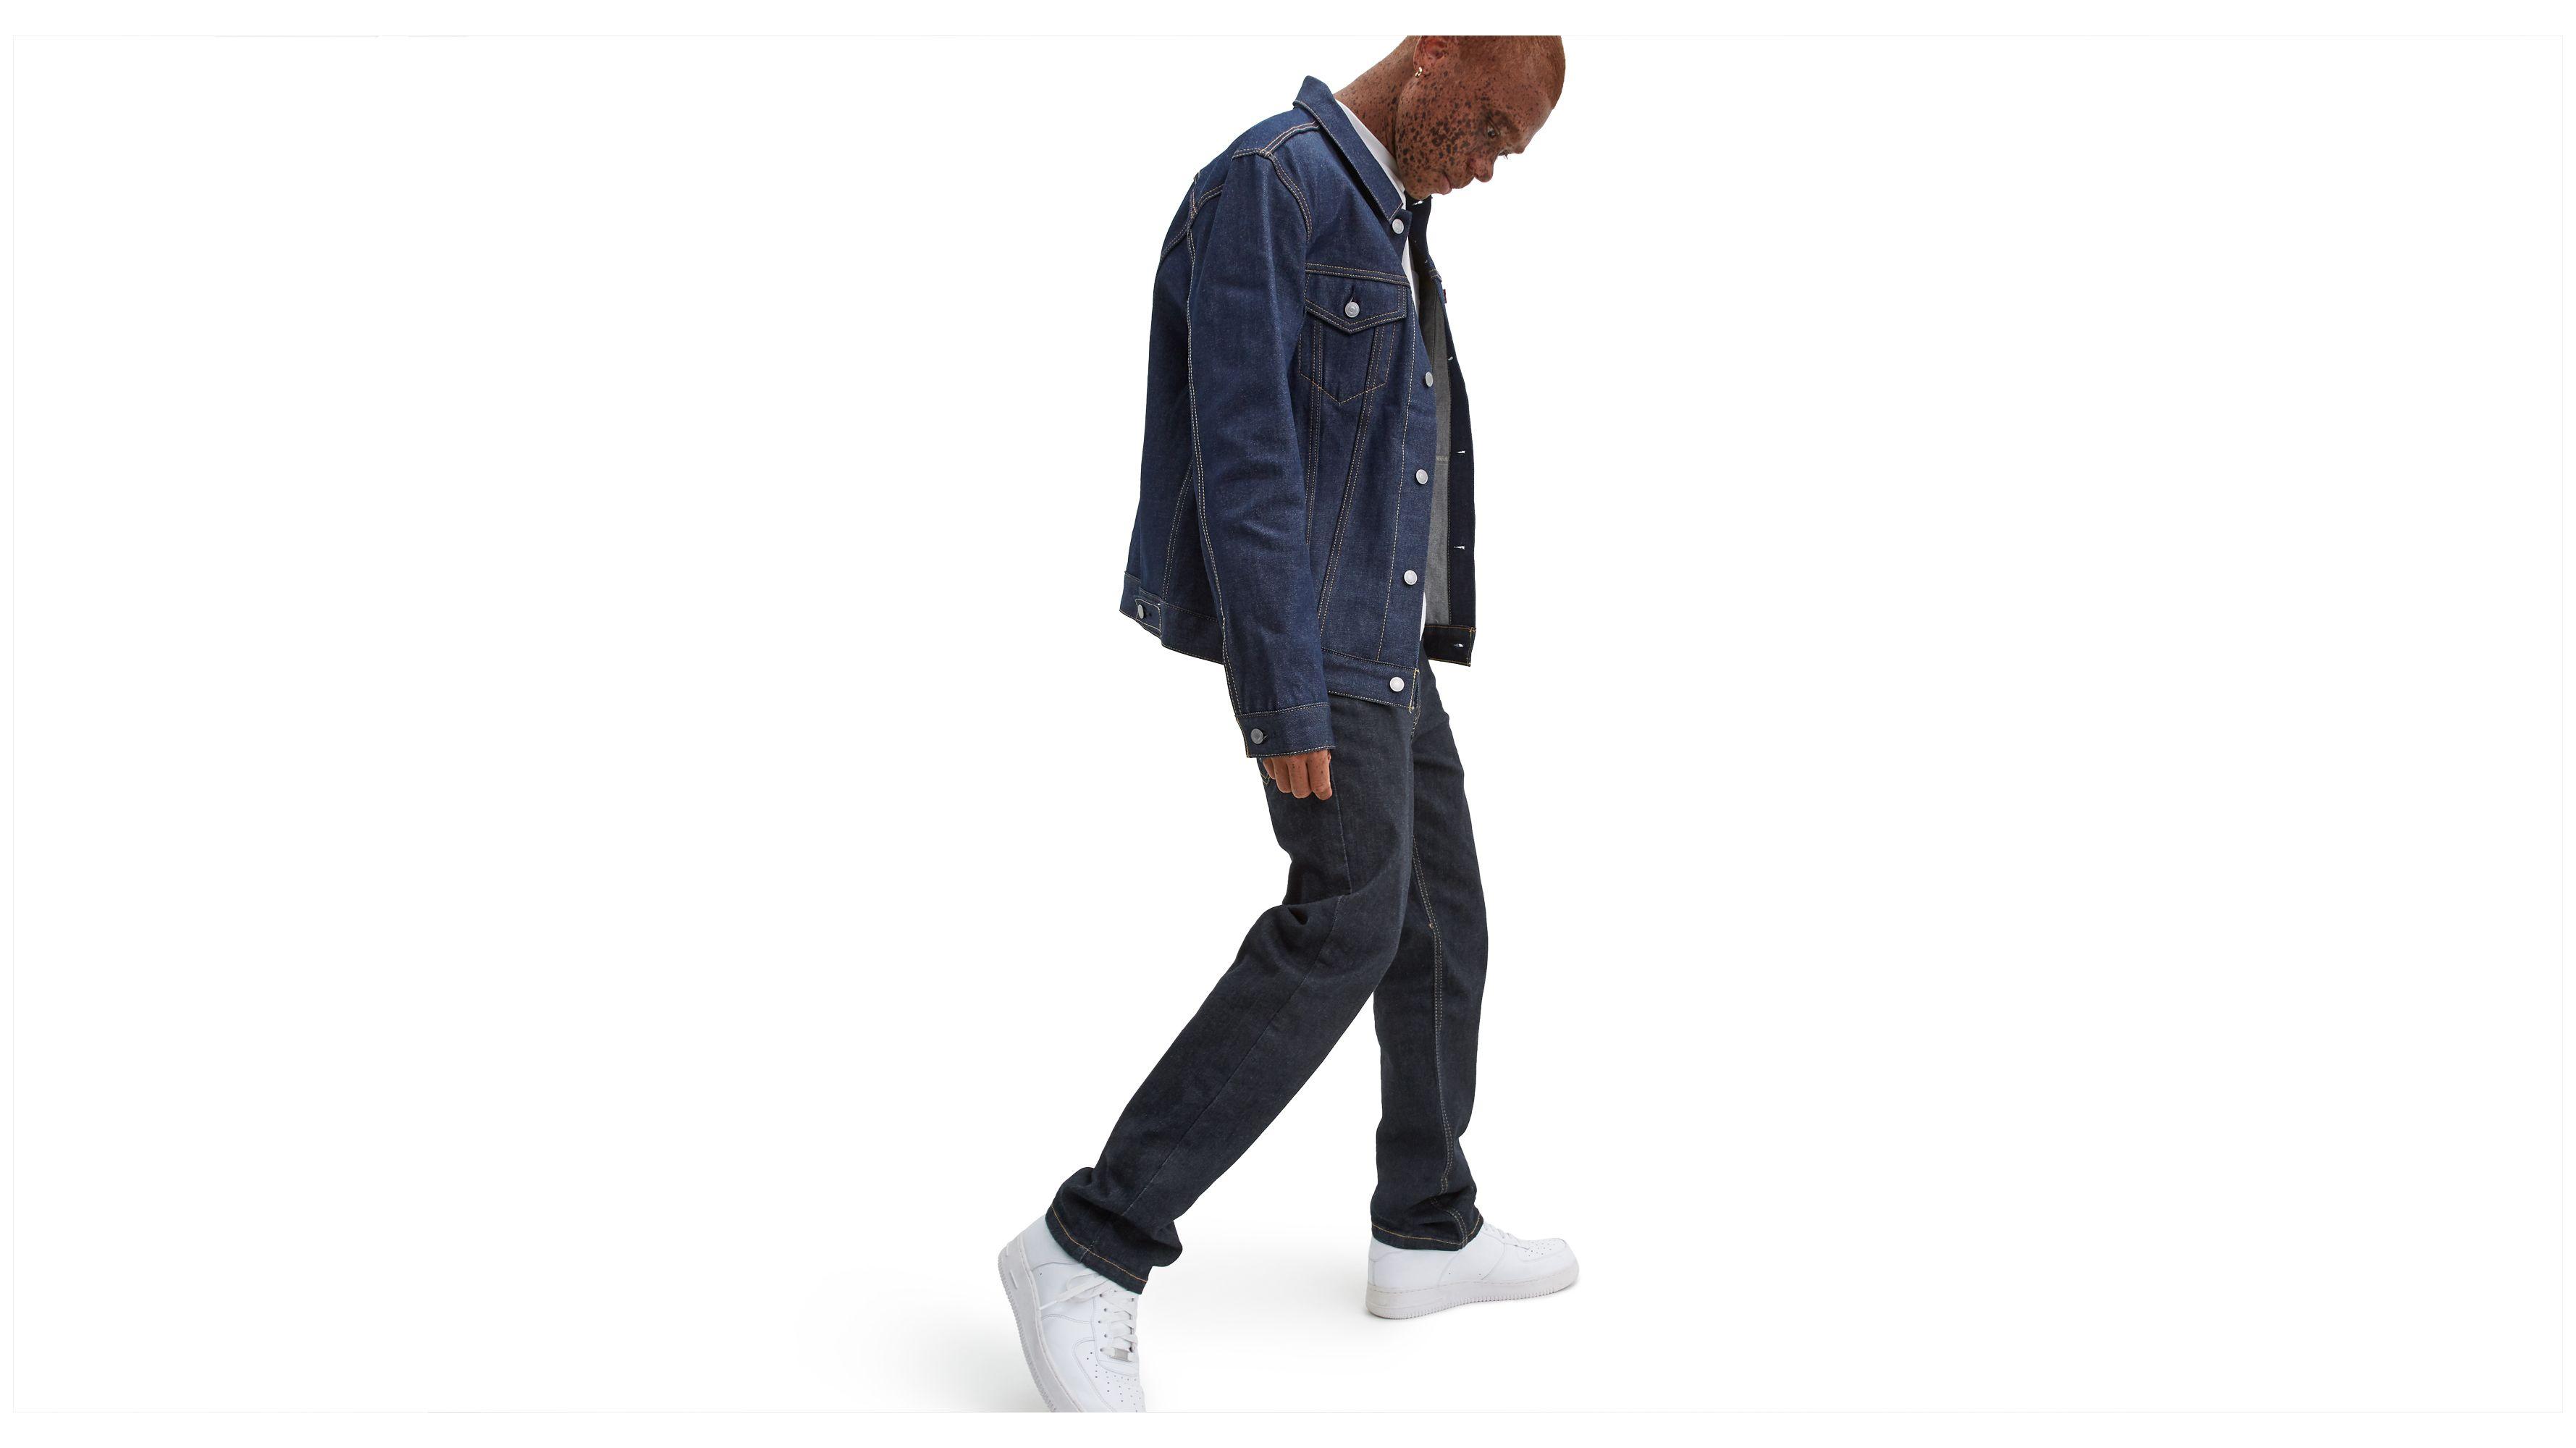 Levis 541 Taper Fit Levi's Flex Mens Jeans (big & Tall)